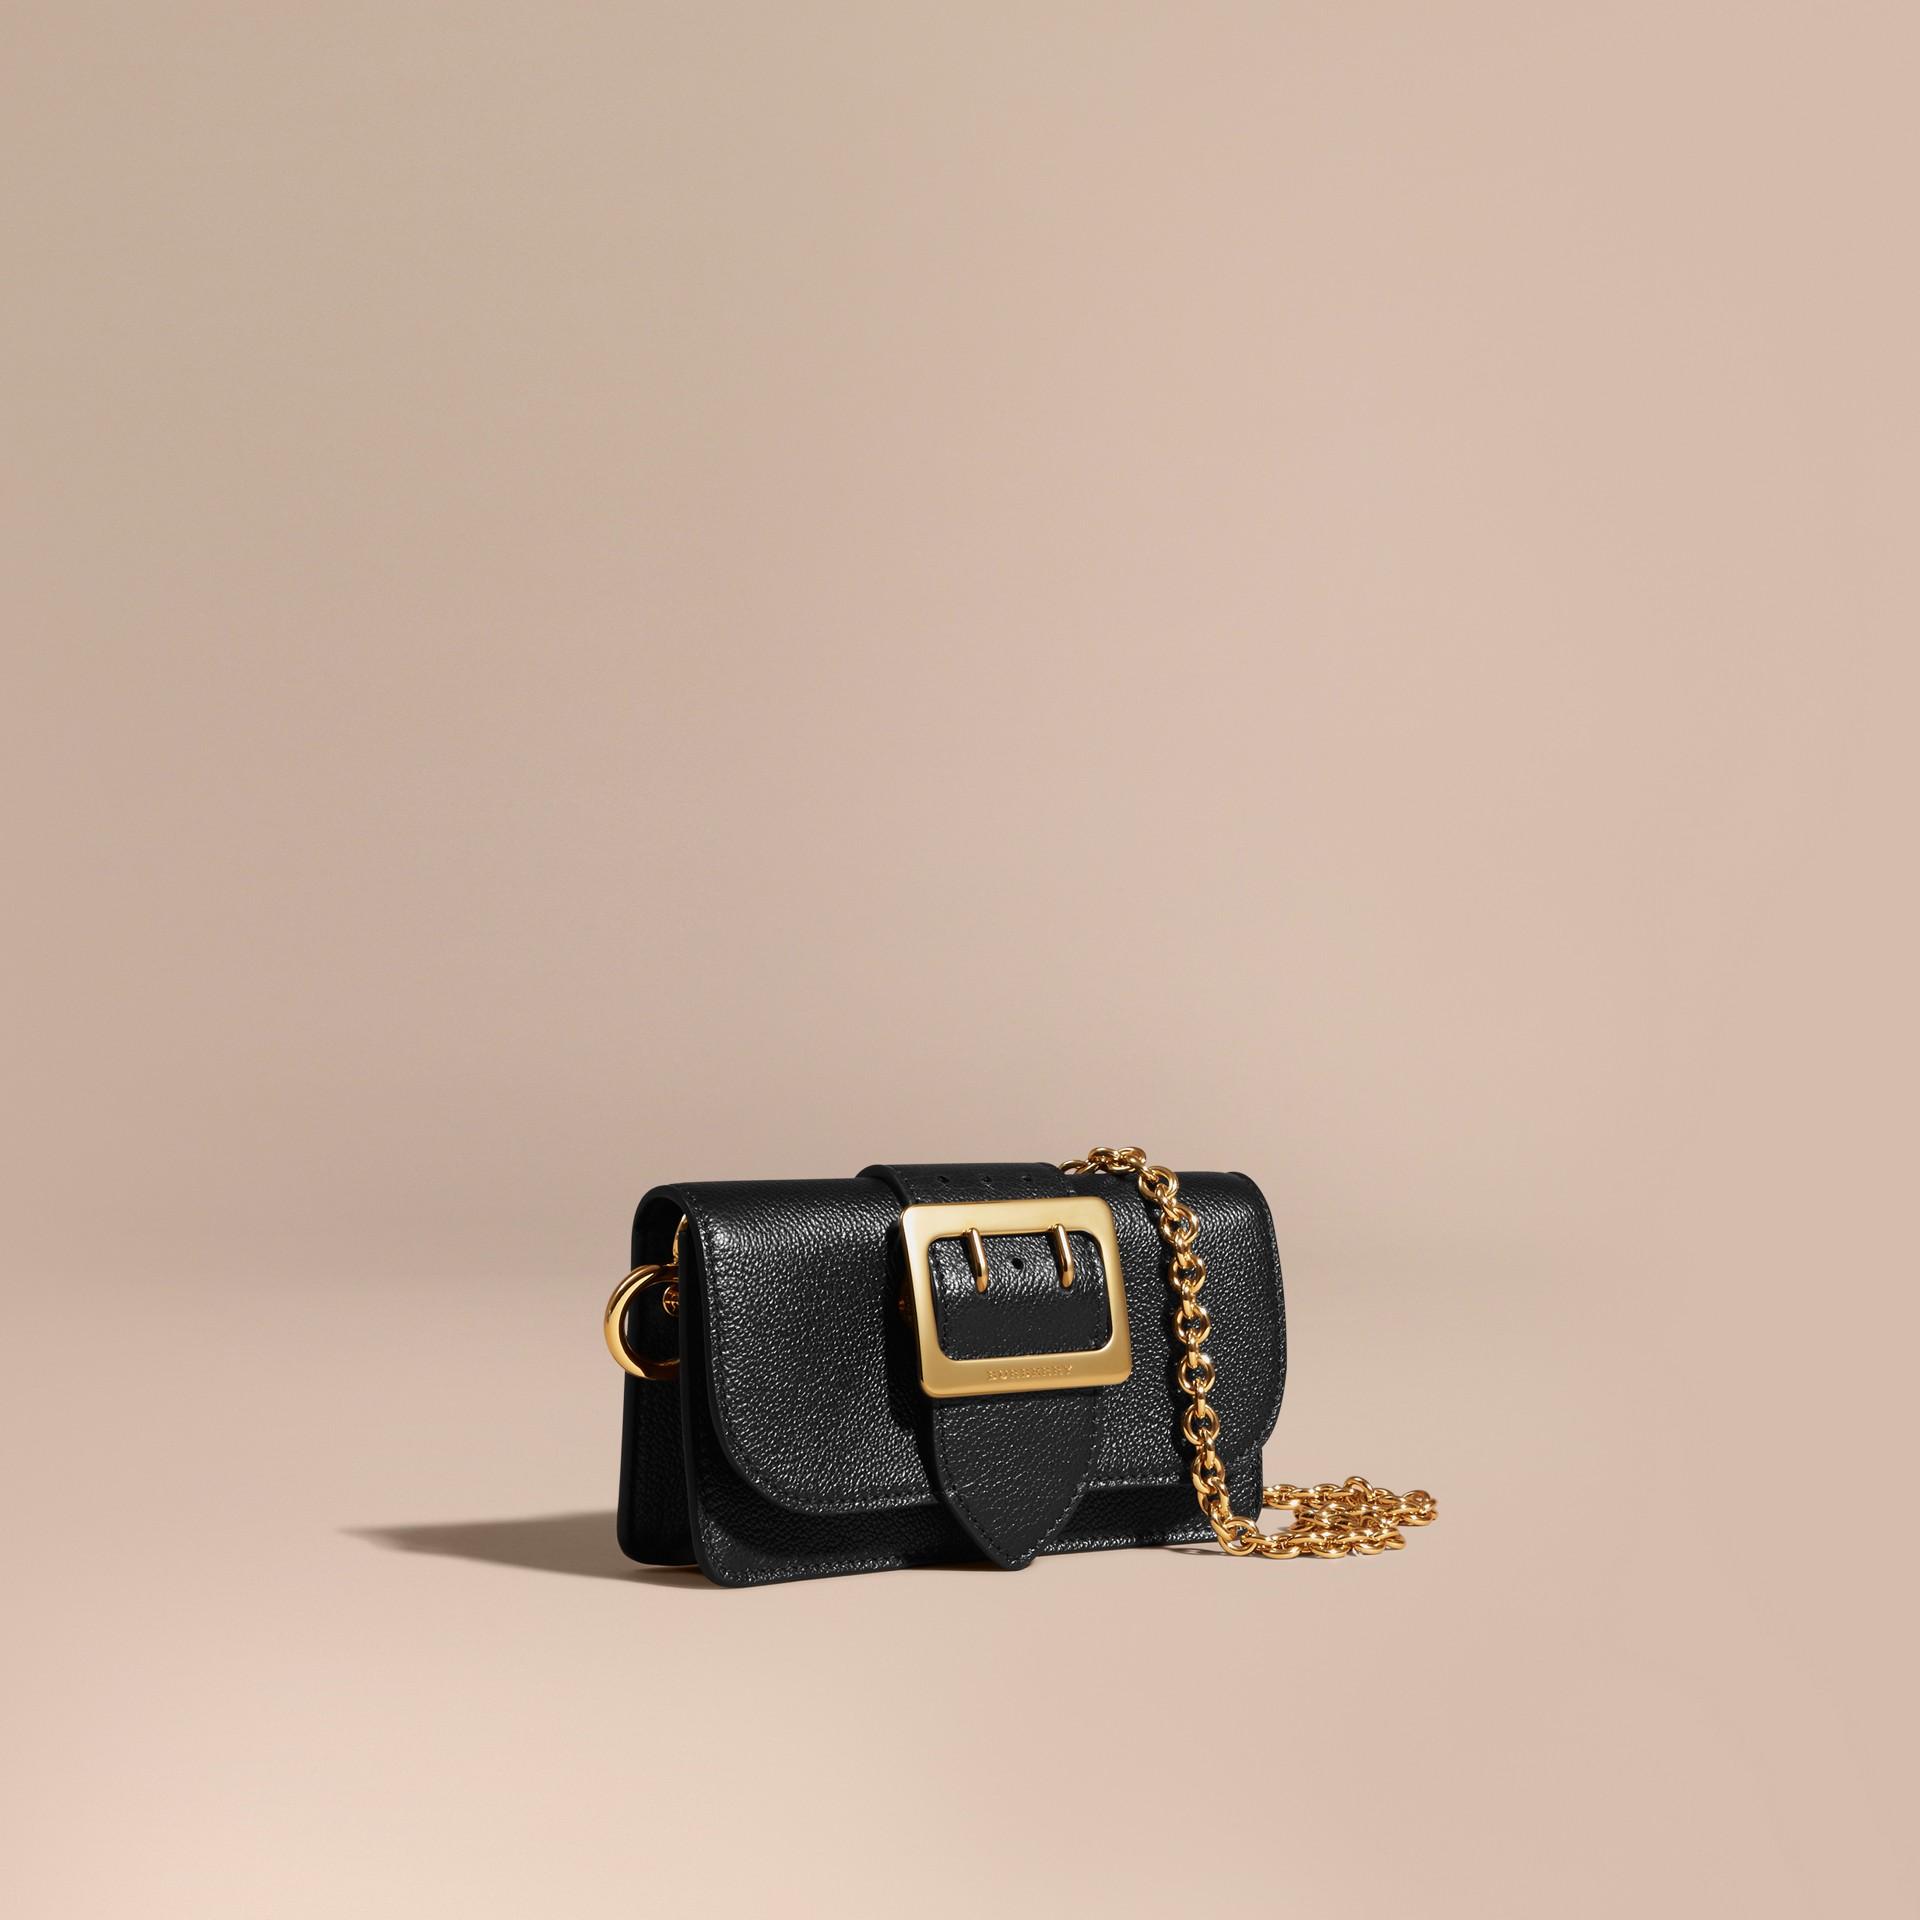 Mini sac The Buckle en cuir grainé Noir - photo de la galerie 1